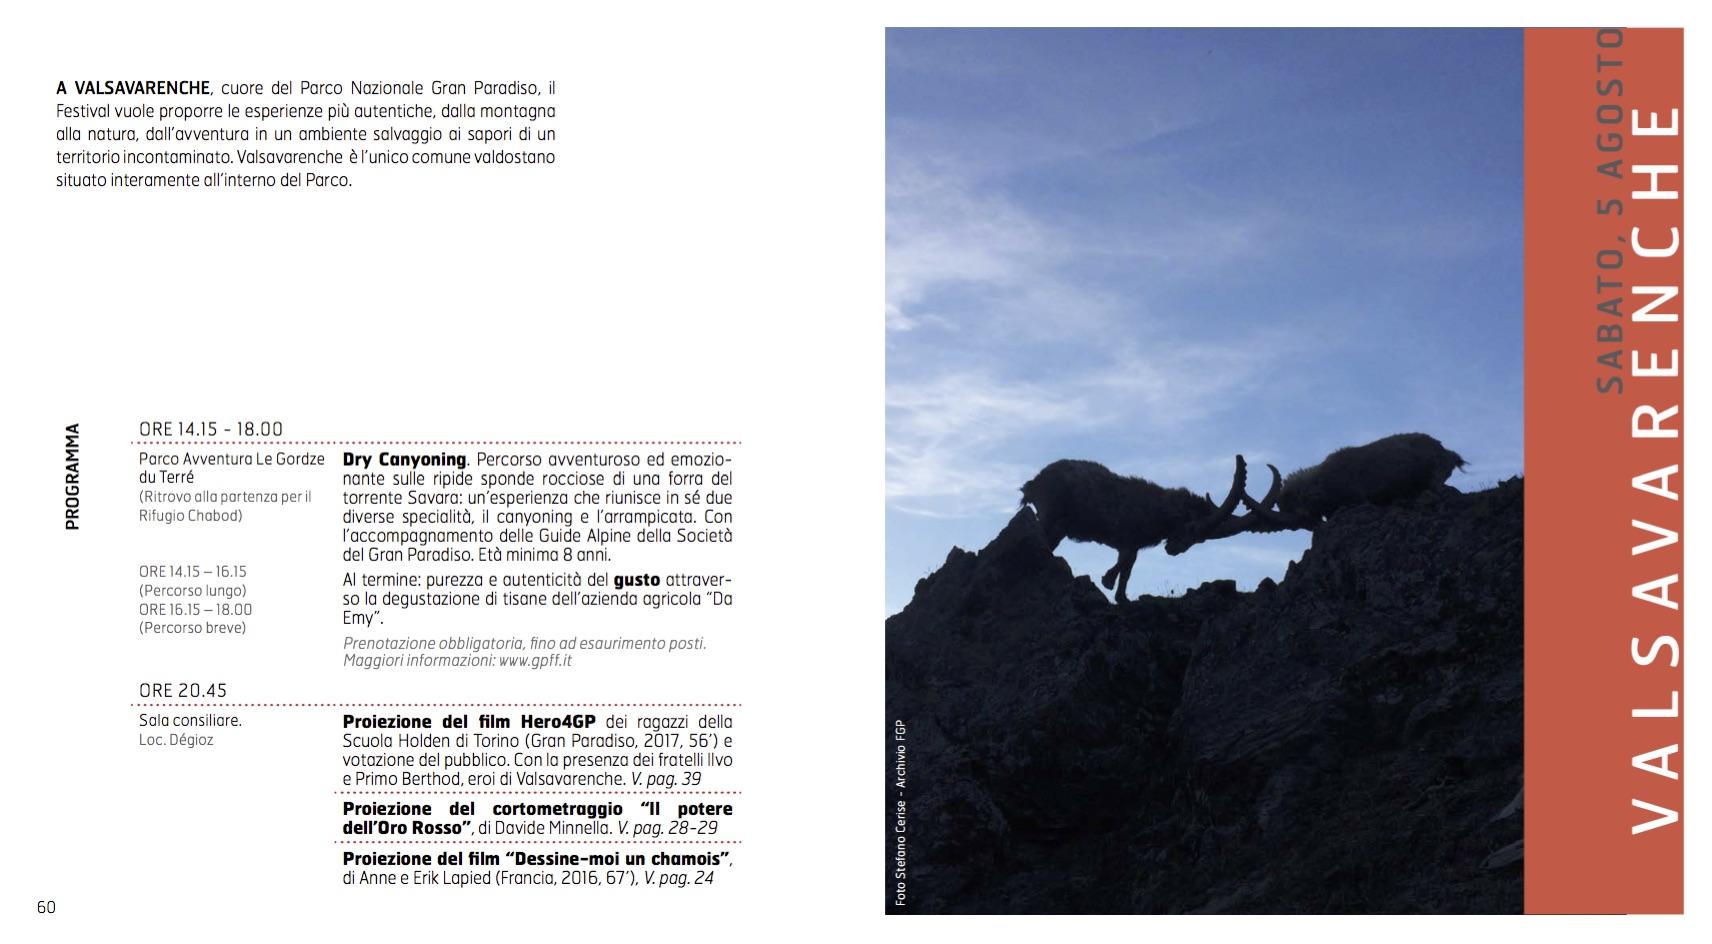 Programma Valsavaranche GPFF - edizione 20